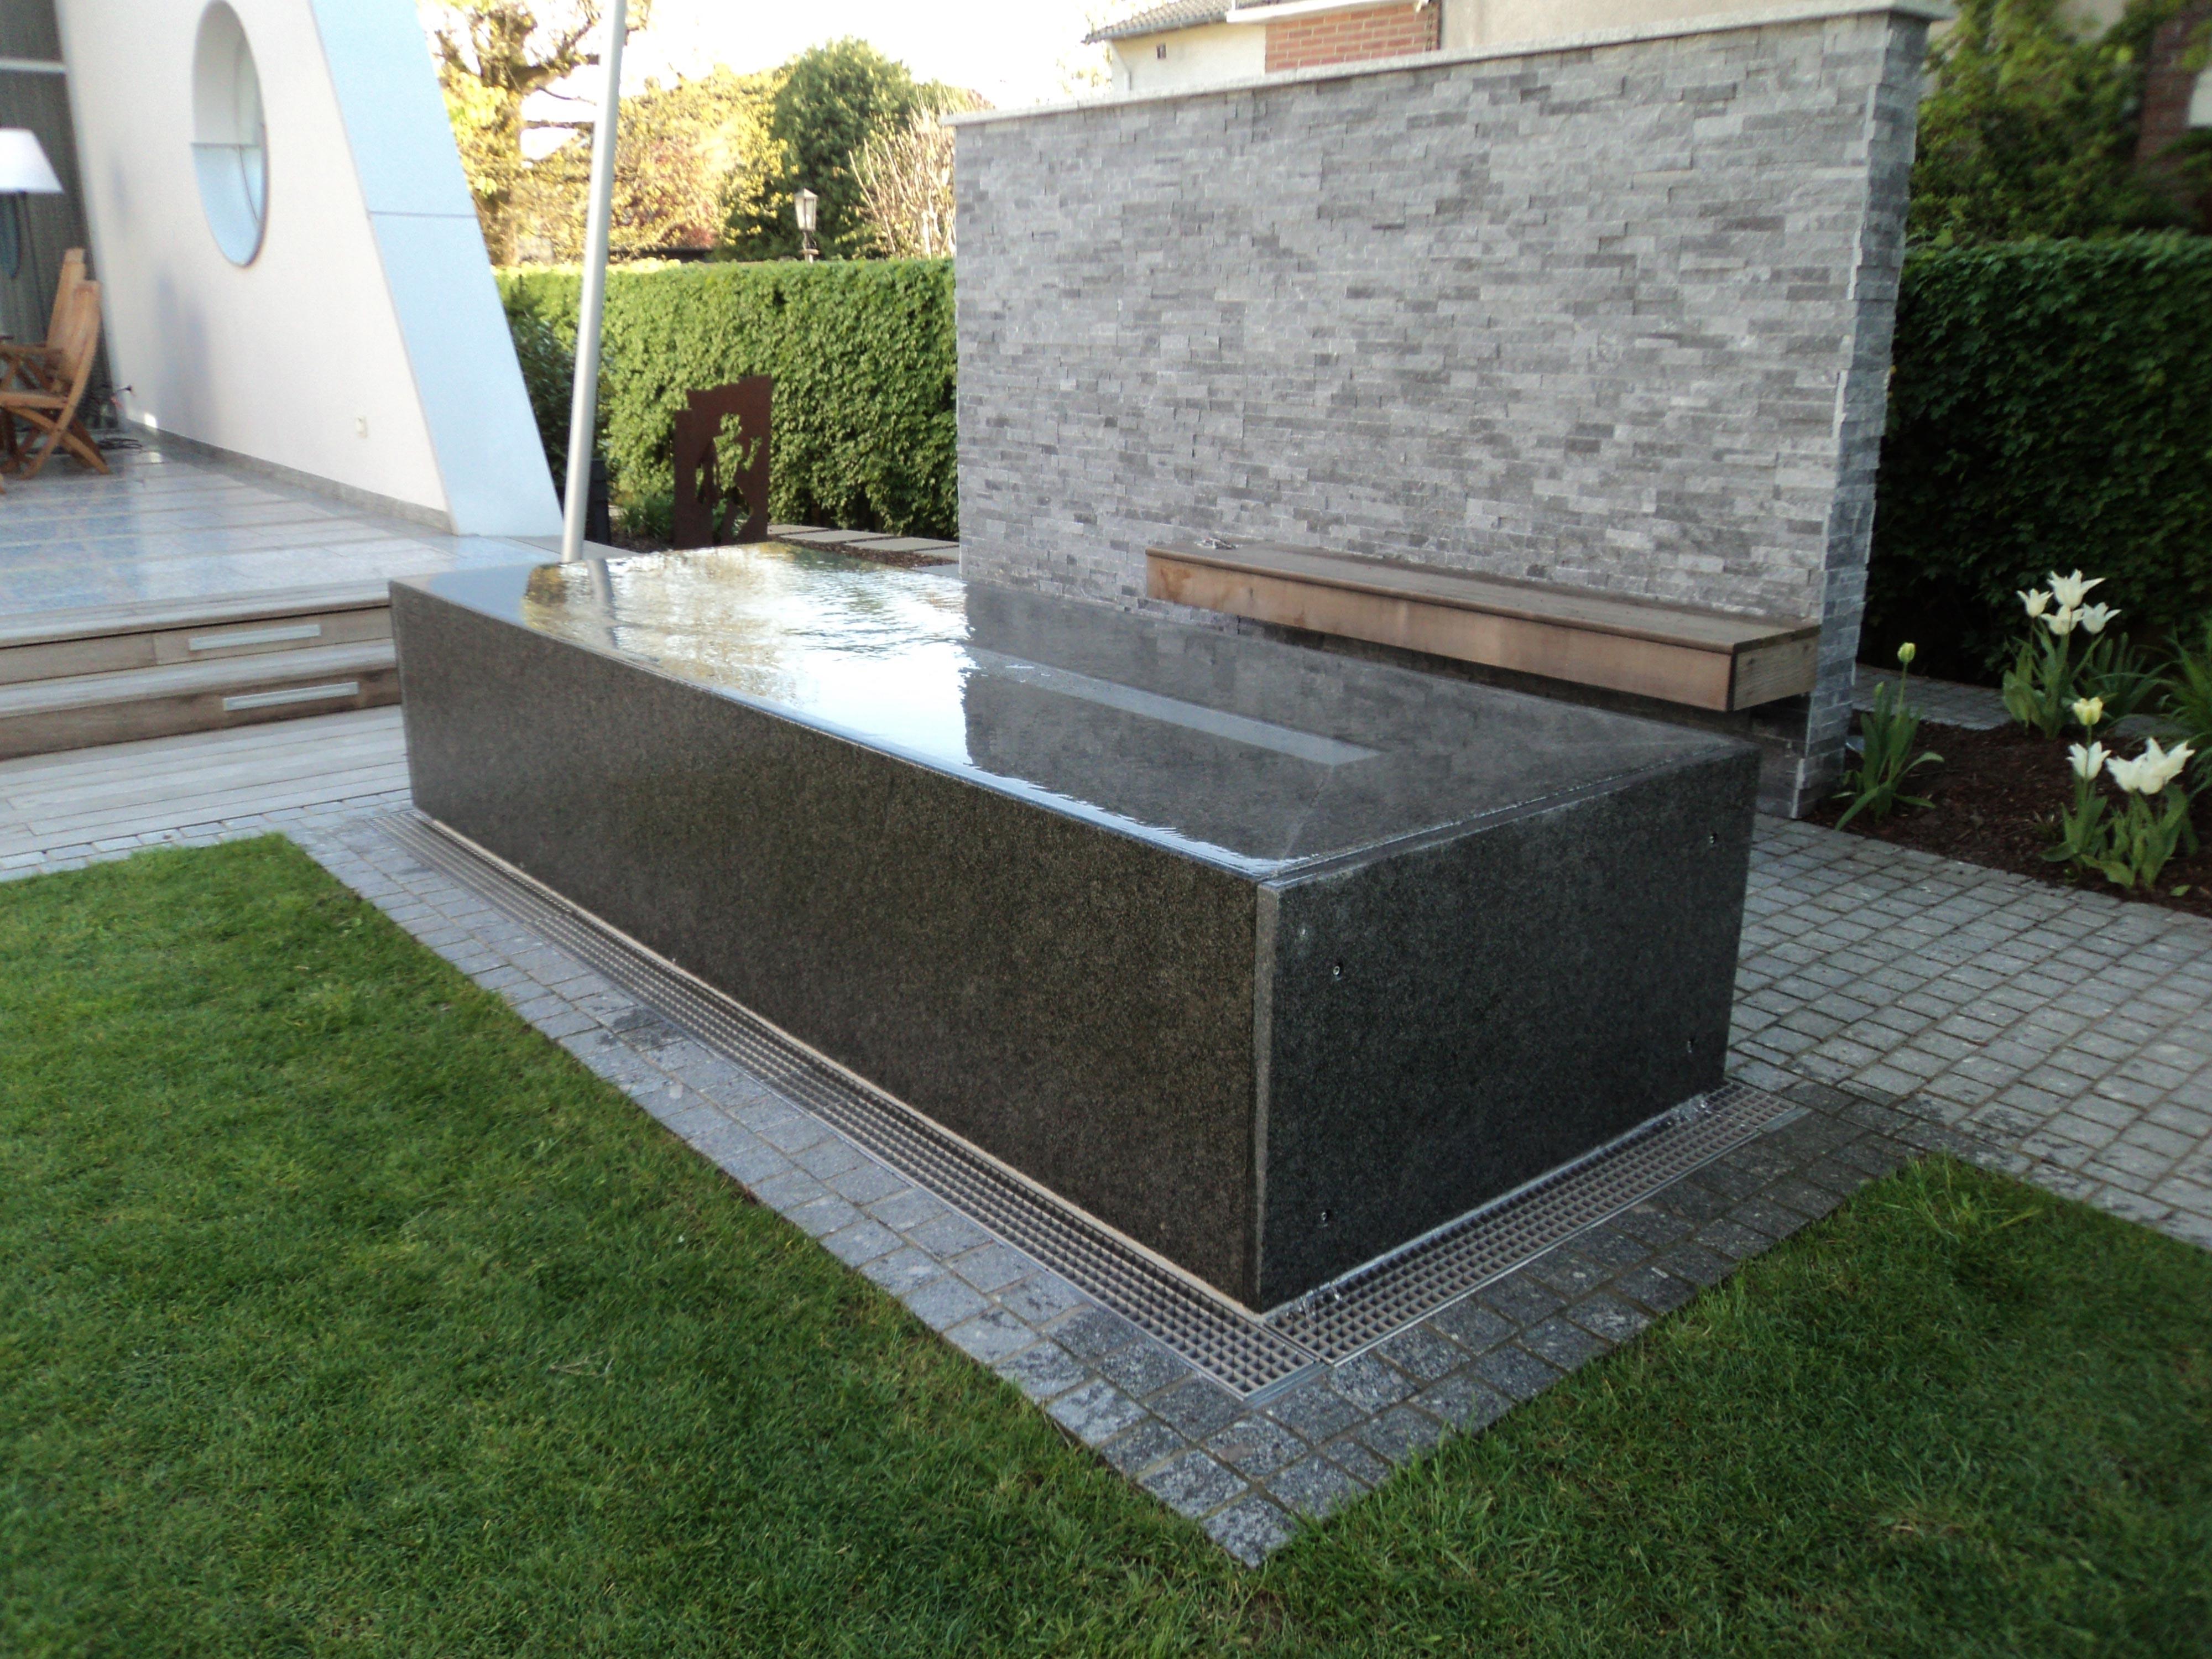 granitwassertisch-wasserablauf01_web.jpg